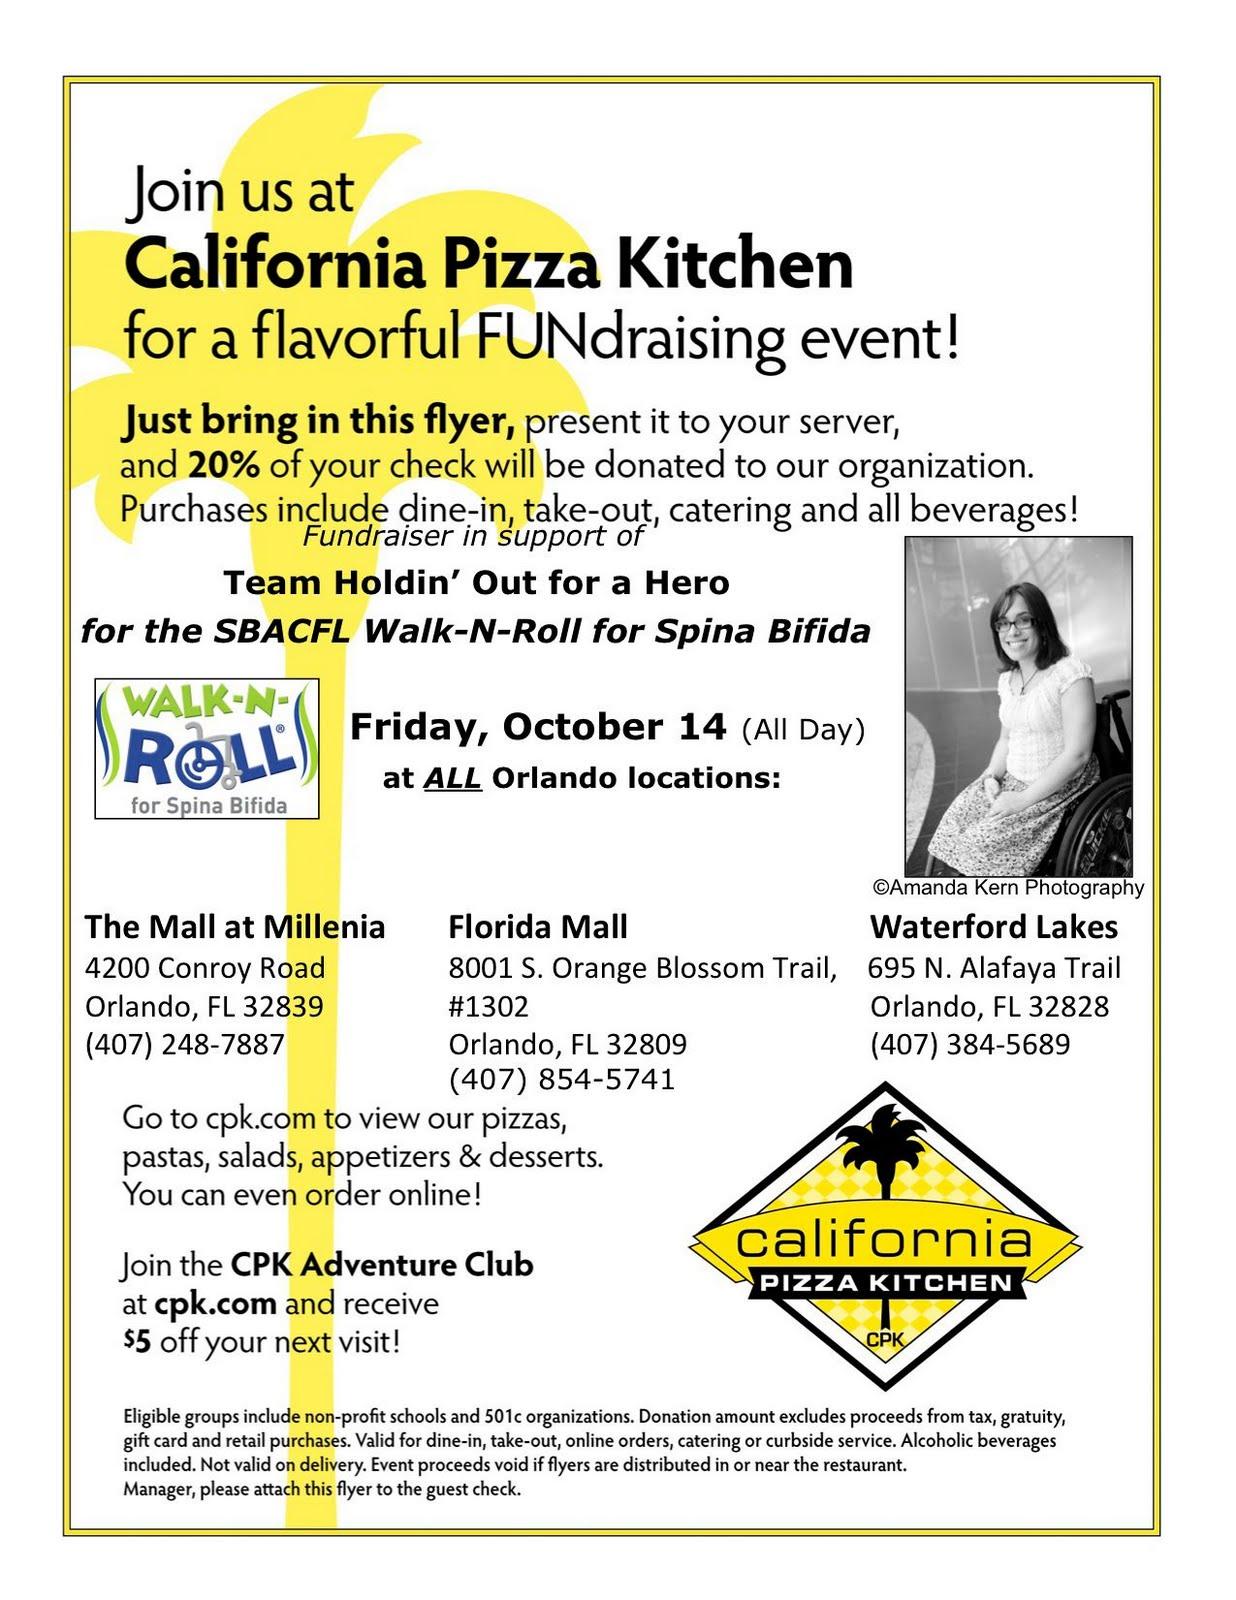 California Pizza Kitchen Orlando Florida Mall